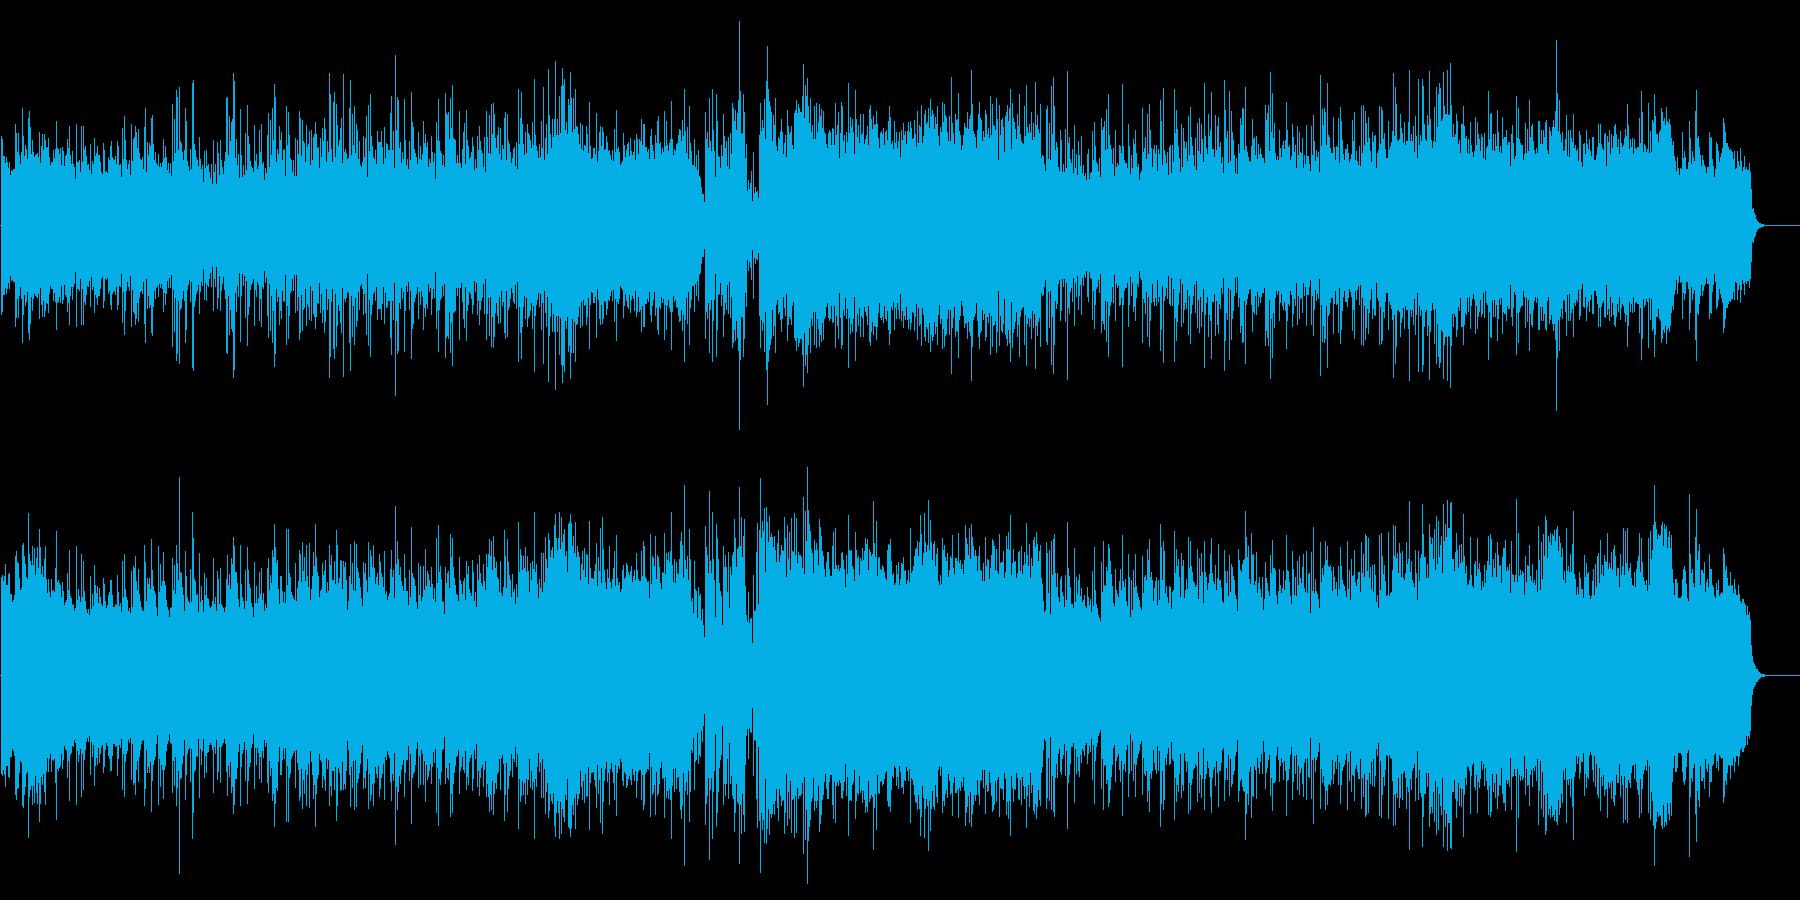 ドレス登場シーンのニューミュージックBGの再生済みの波形